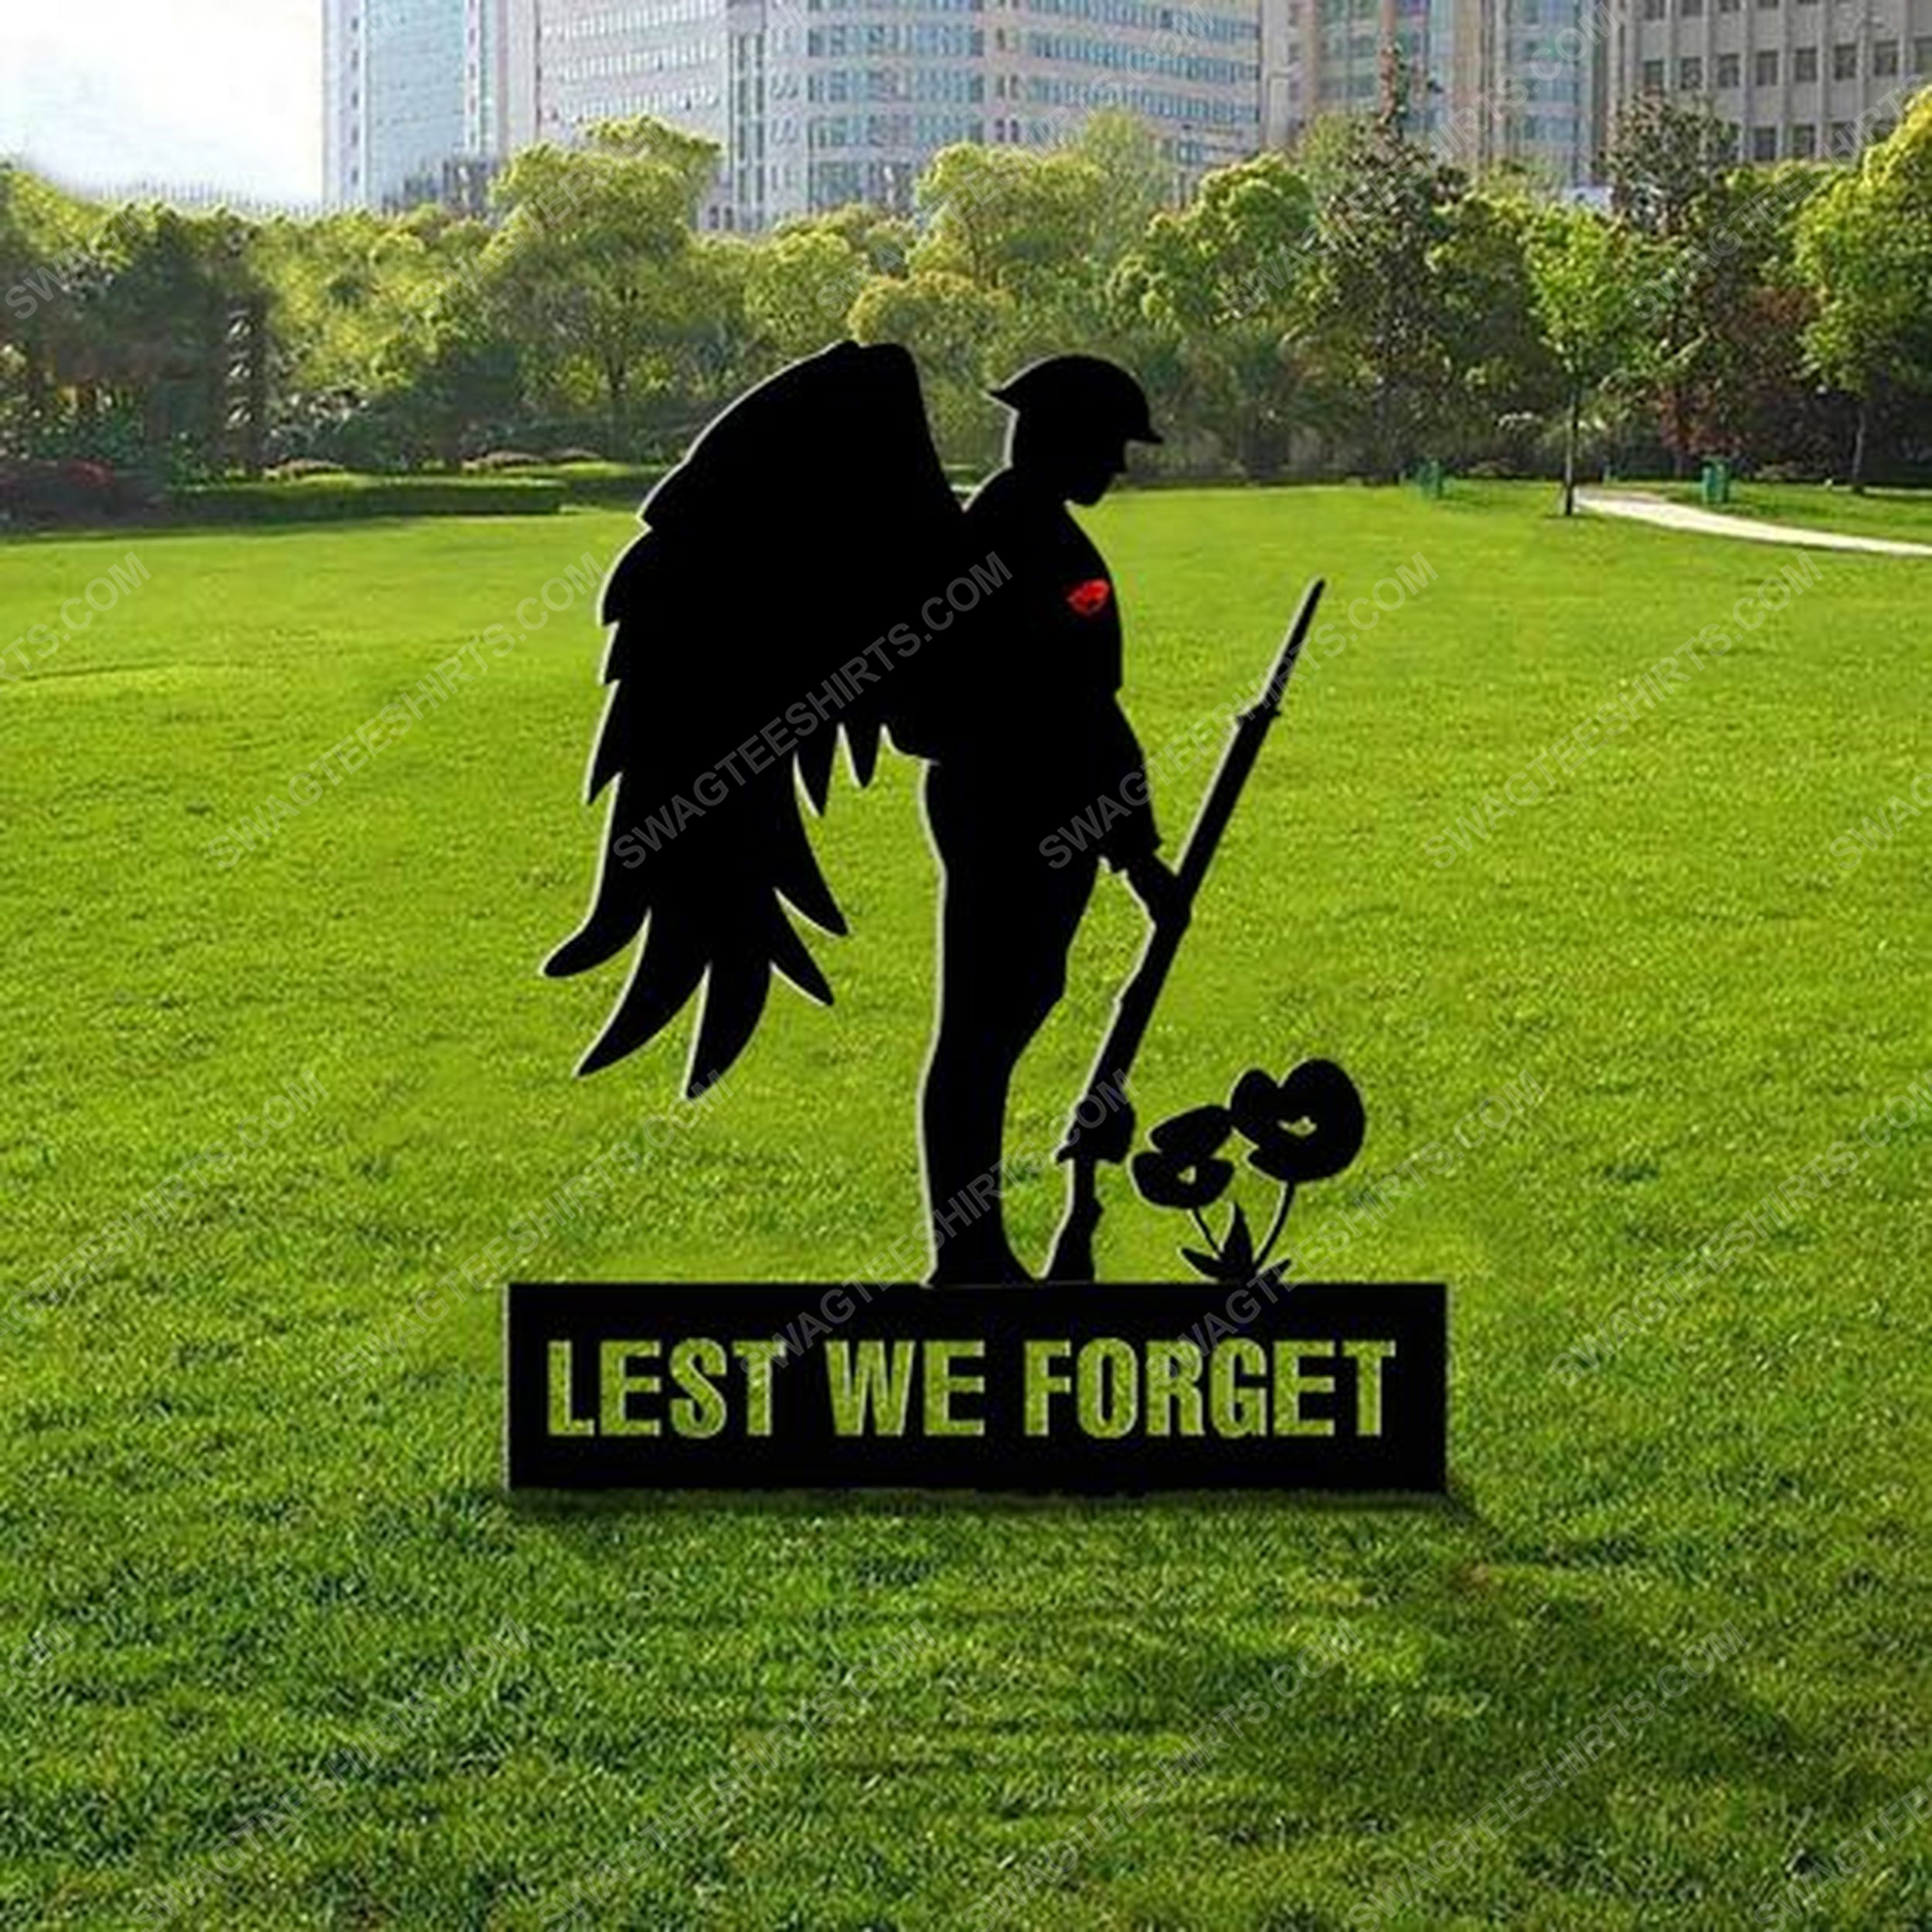 Patriotic remembrance soldiers veteran memorial lest we forget yard sign 2(1)